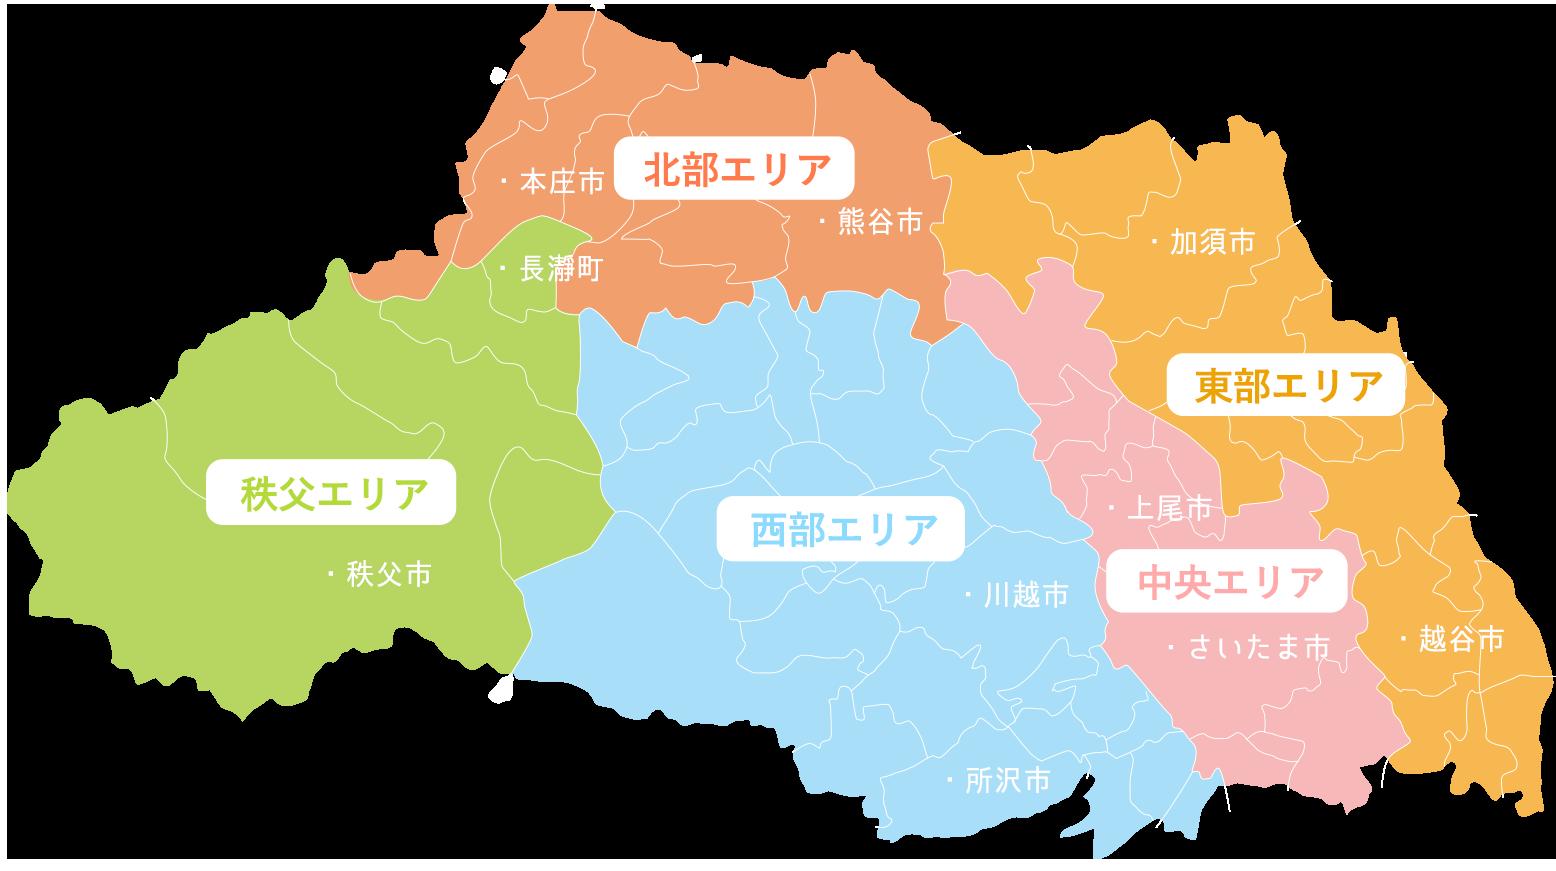 観光エリアガイド|埼玉県公式観光サイト ちょこたび埼玉